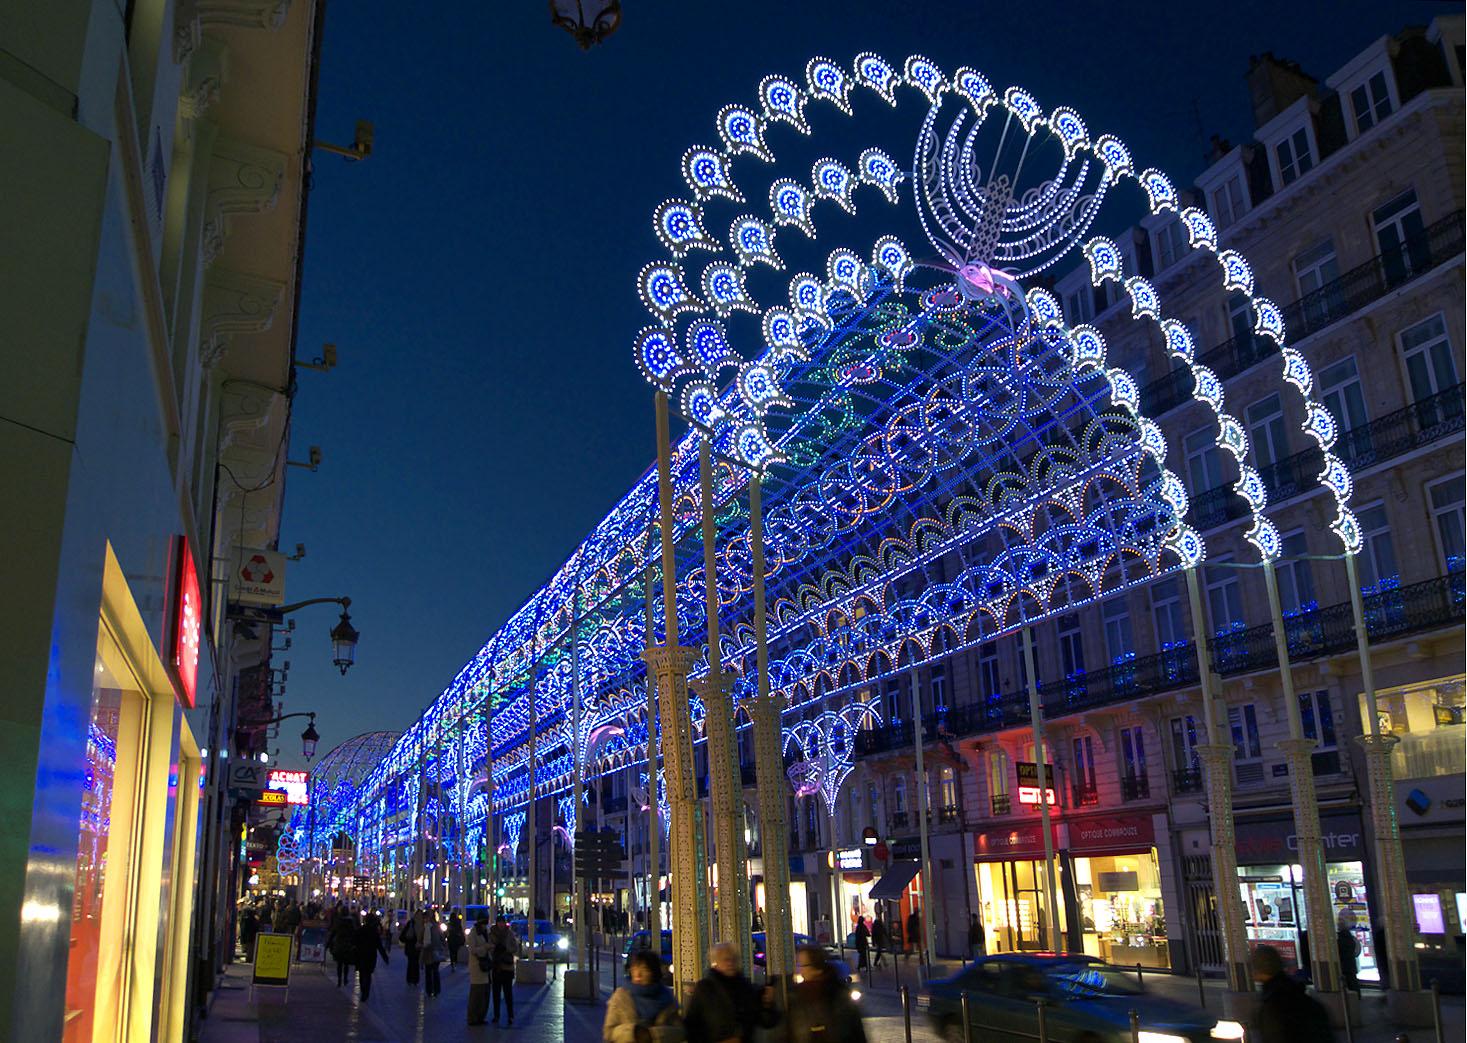 Illuminations de no l rue faidherbe lille photo et image europe france nord pas de calais for Illumination exterieure pour noel